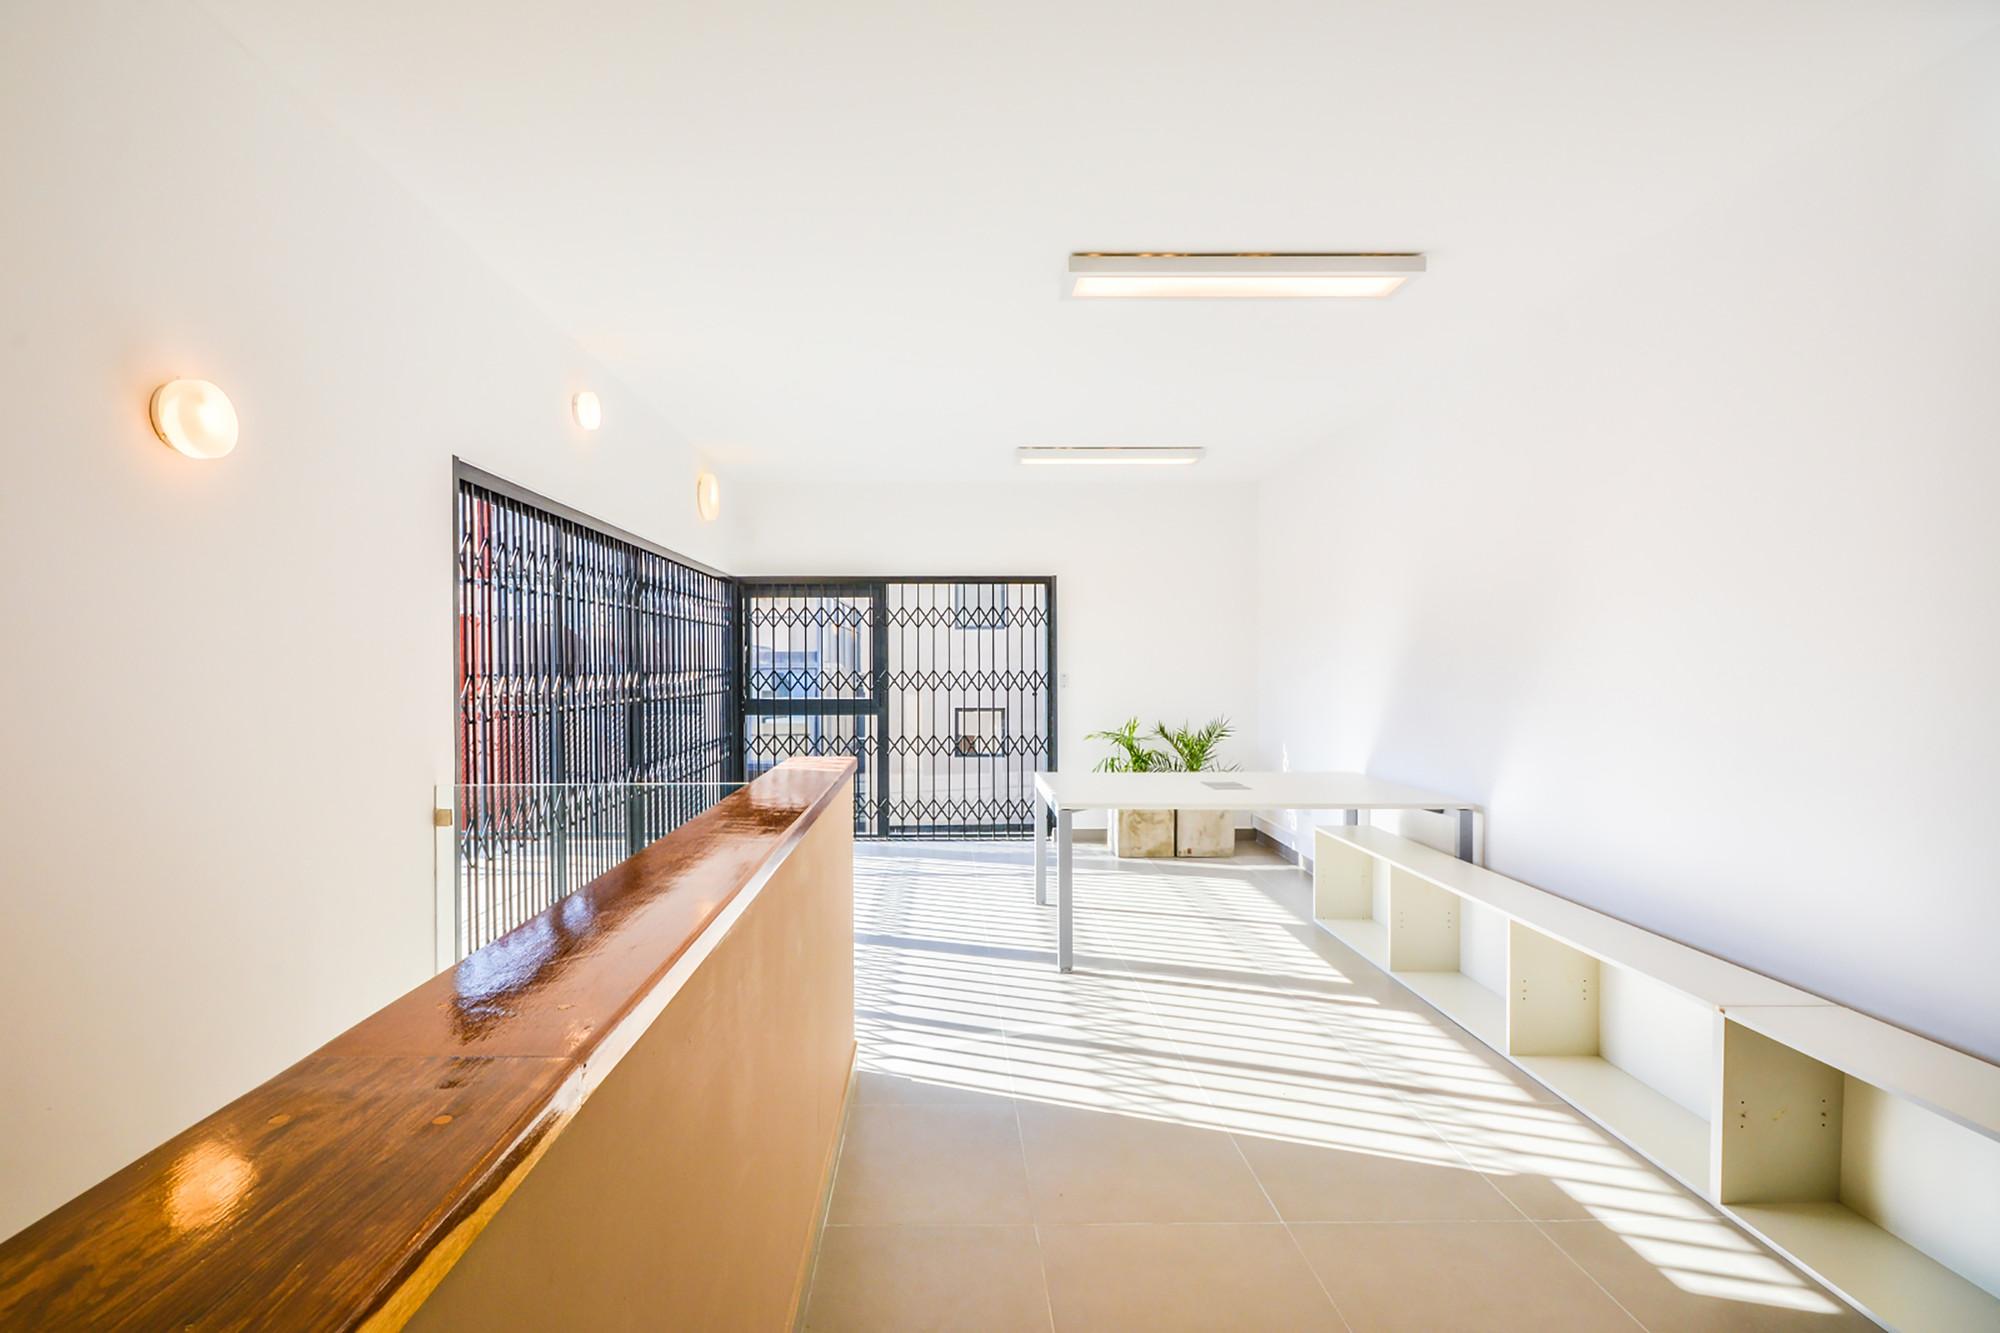 Galer a de oficinas c rdoba neto arquitectura 15 for Oficinas cajasur cordoba